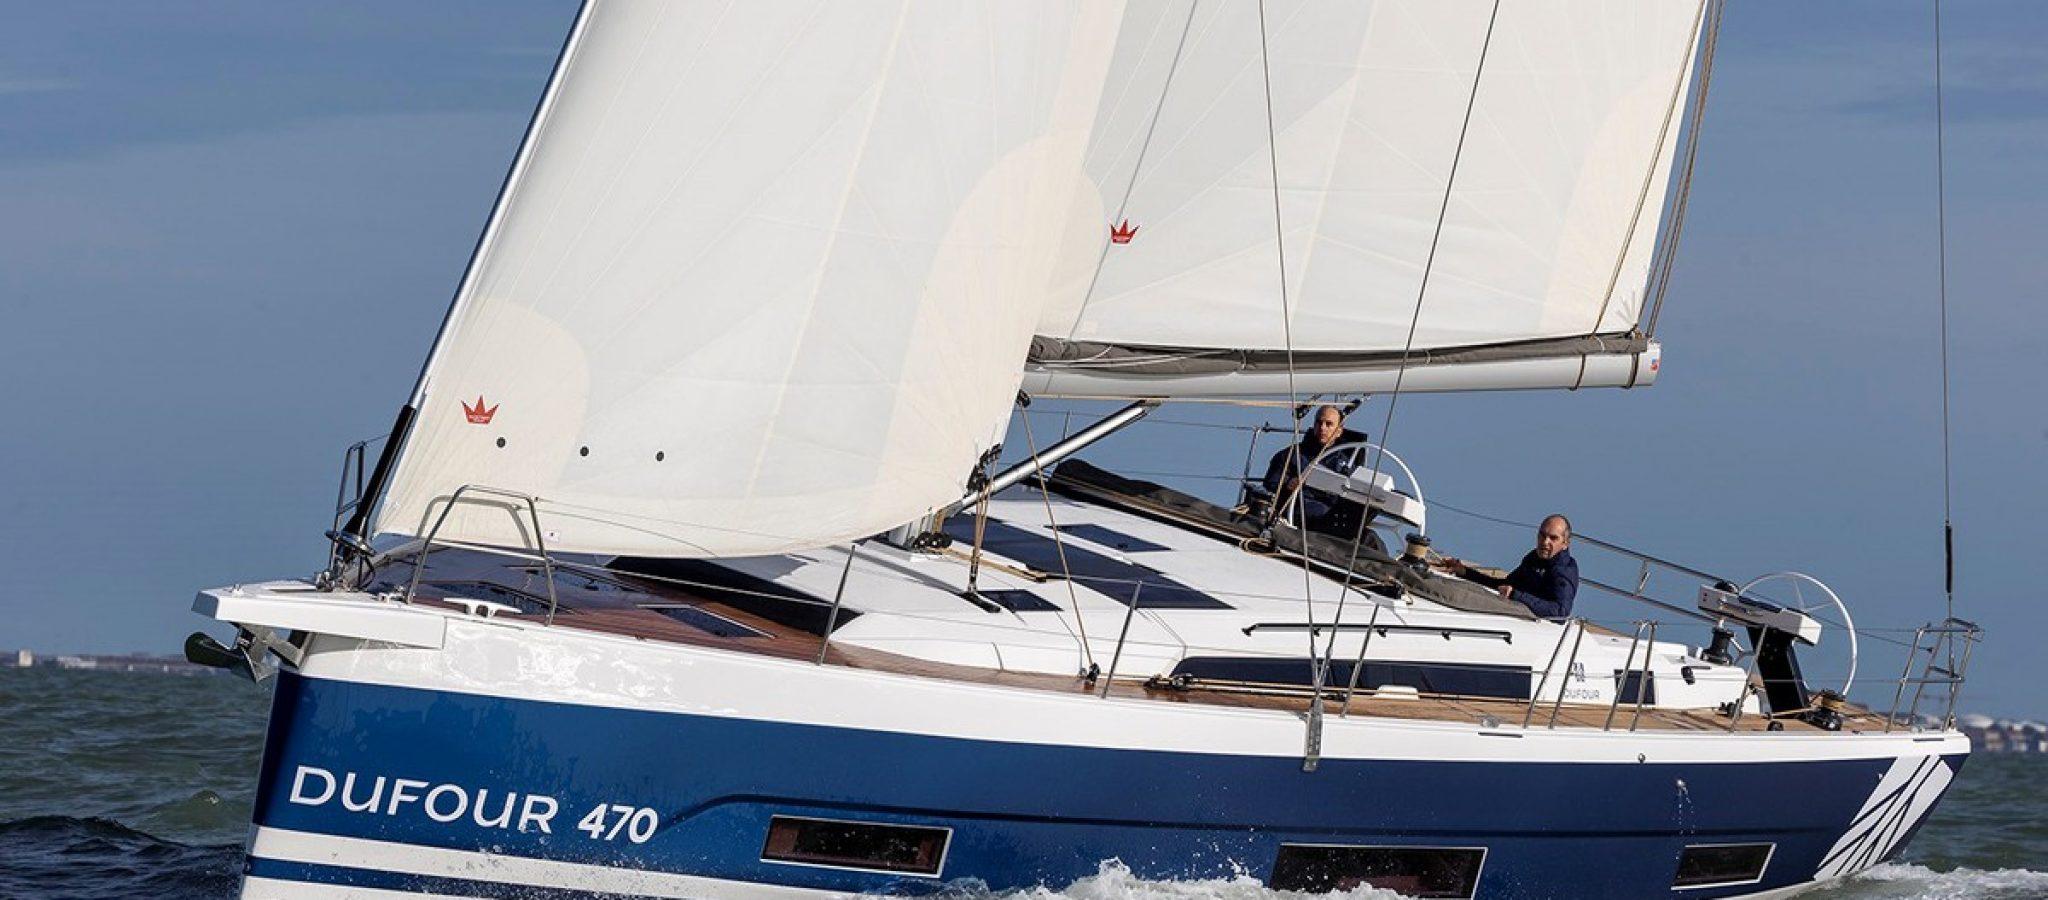 Dufour 470 essai en mer